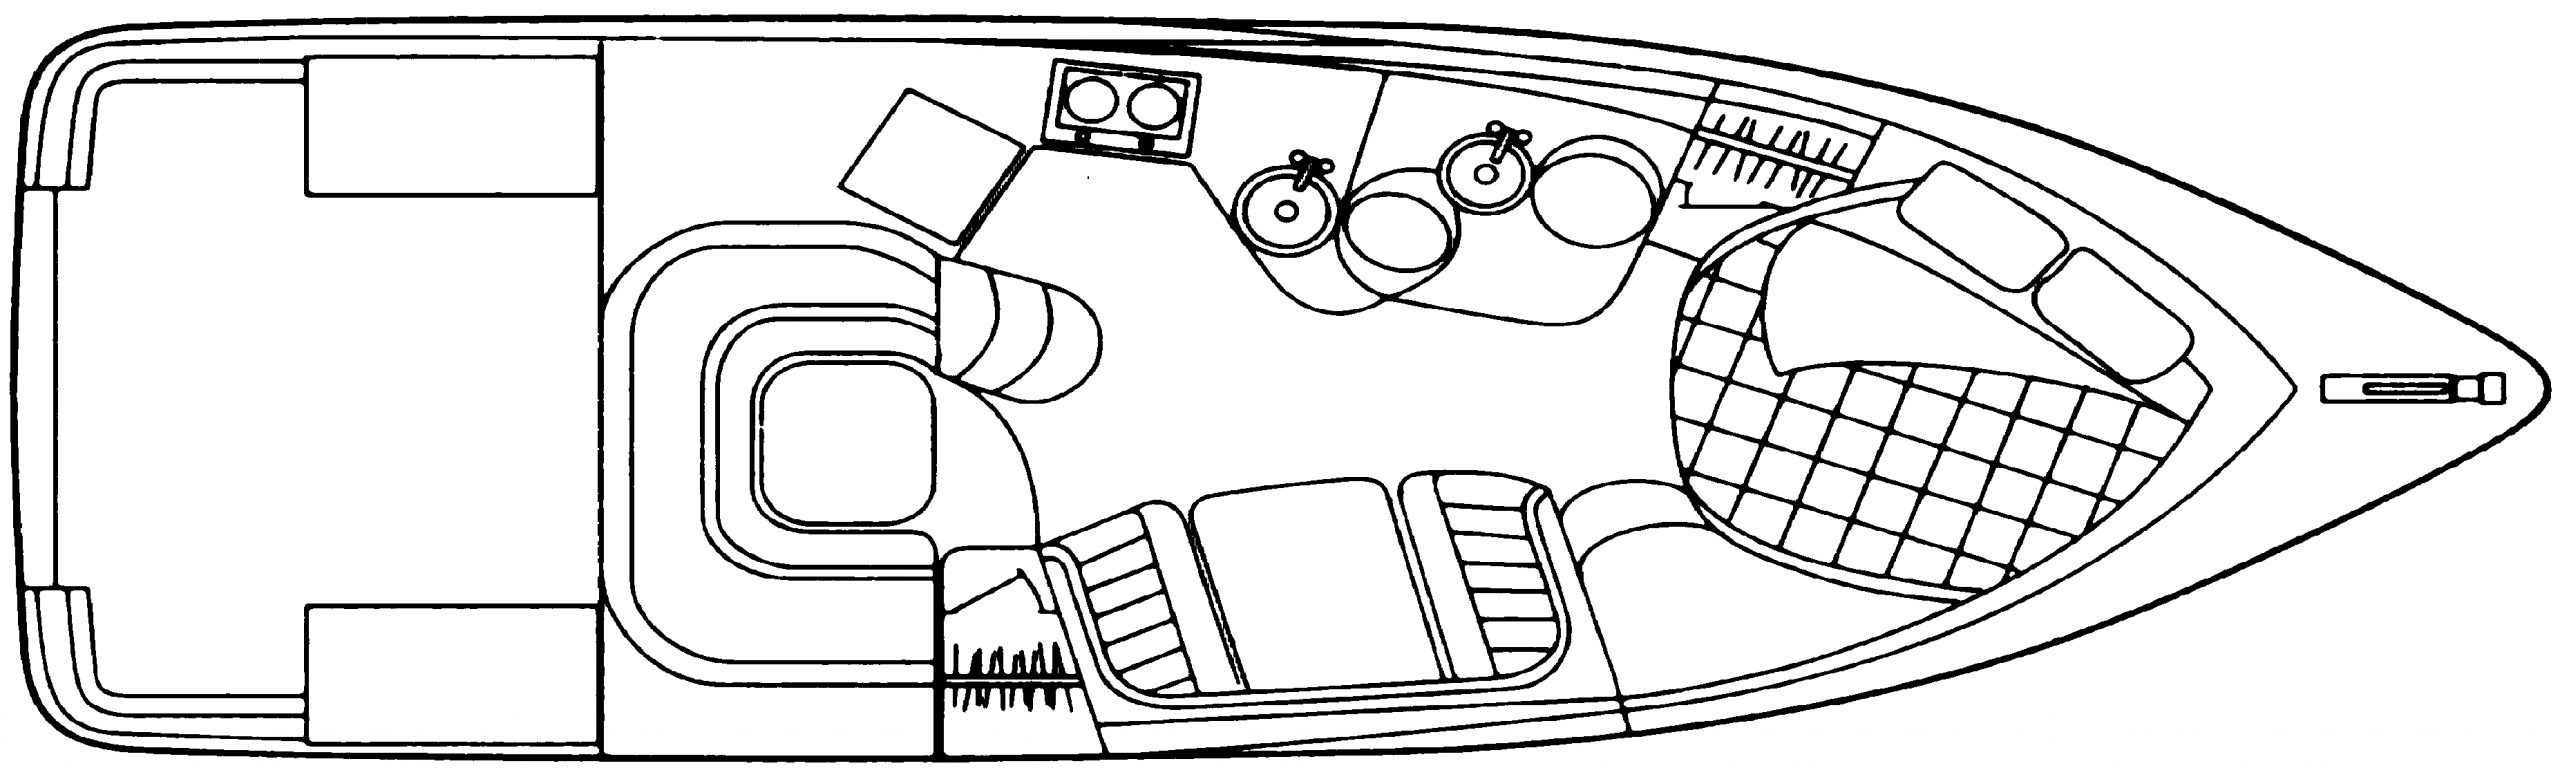 3375 Esprit Floor Plan 1